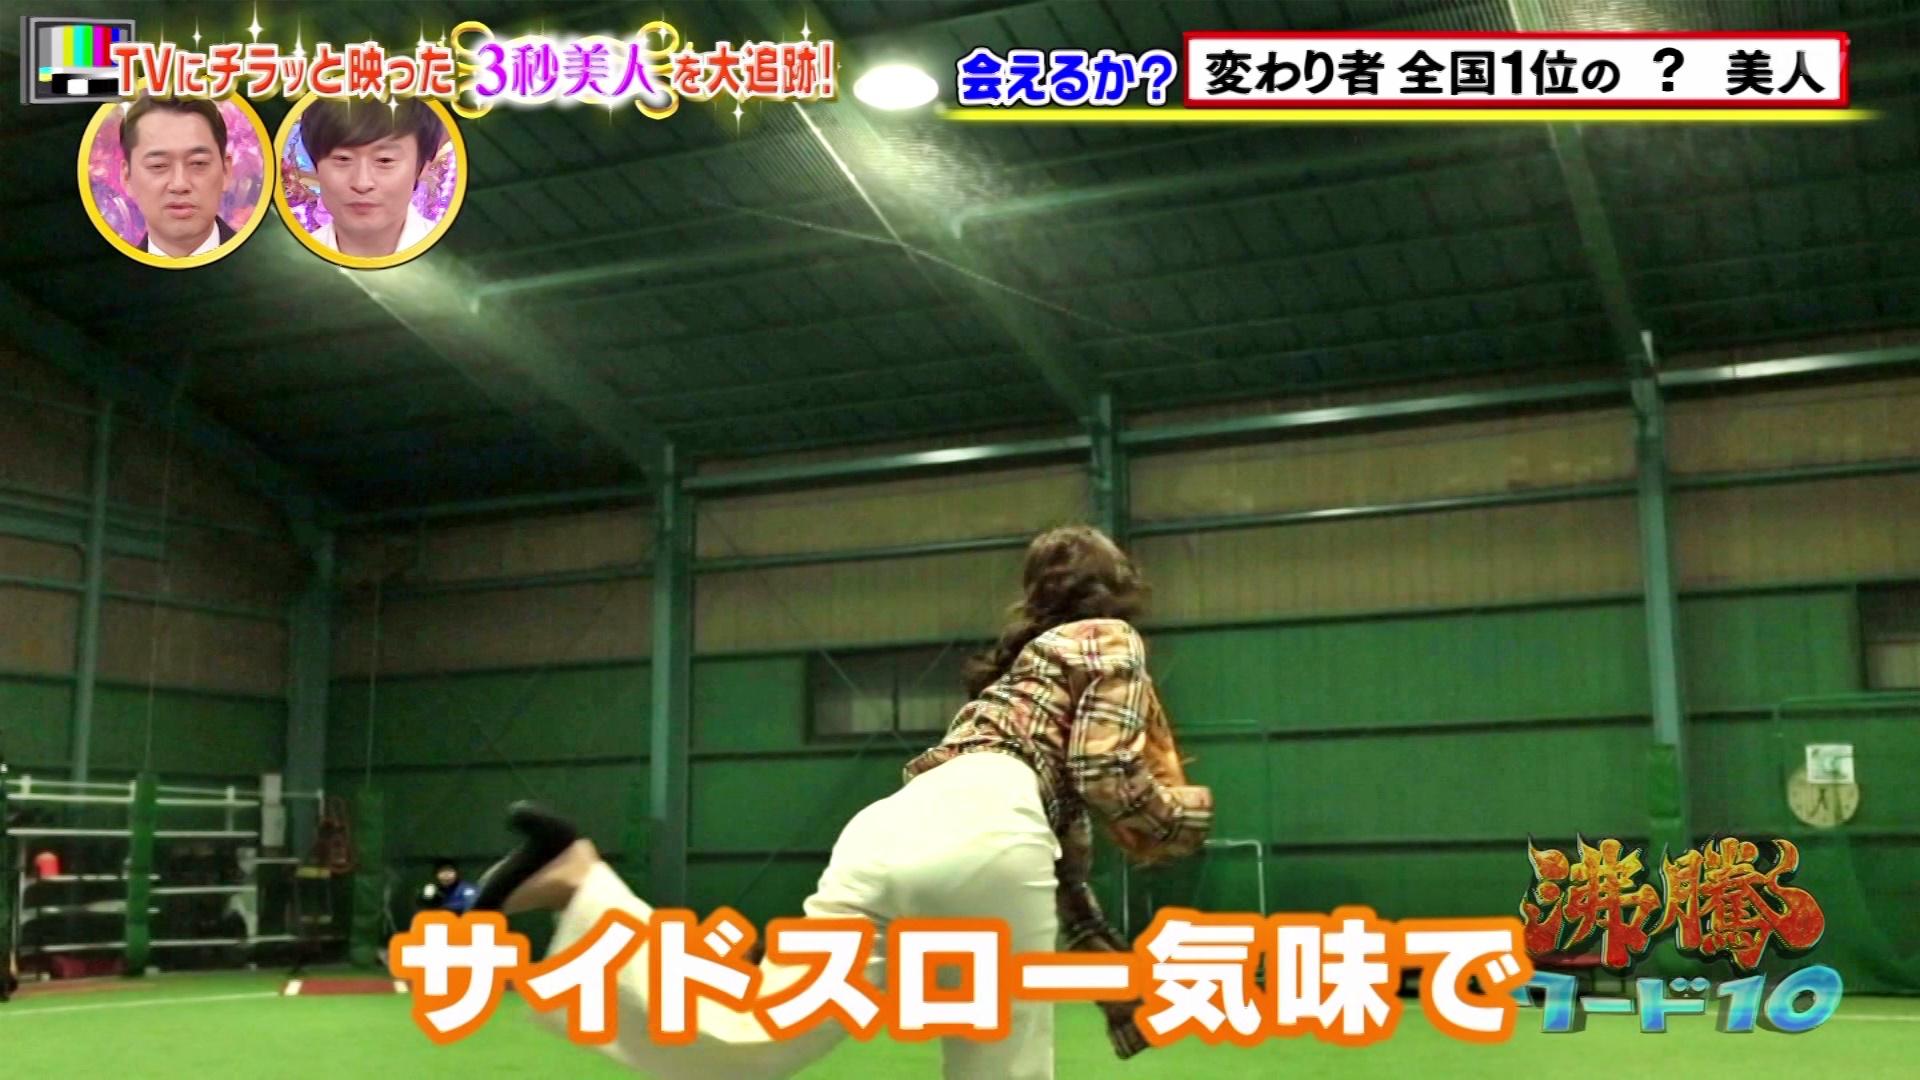 2020年1月24日に放送された「沸騰ワード10」に出演した笹川萌さんのテレビキャプチャー画像-073